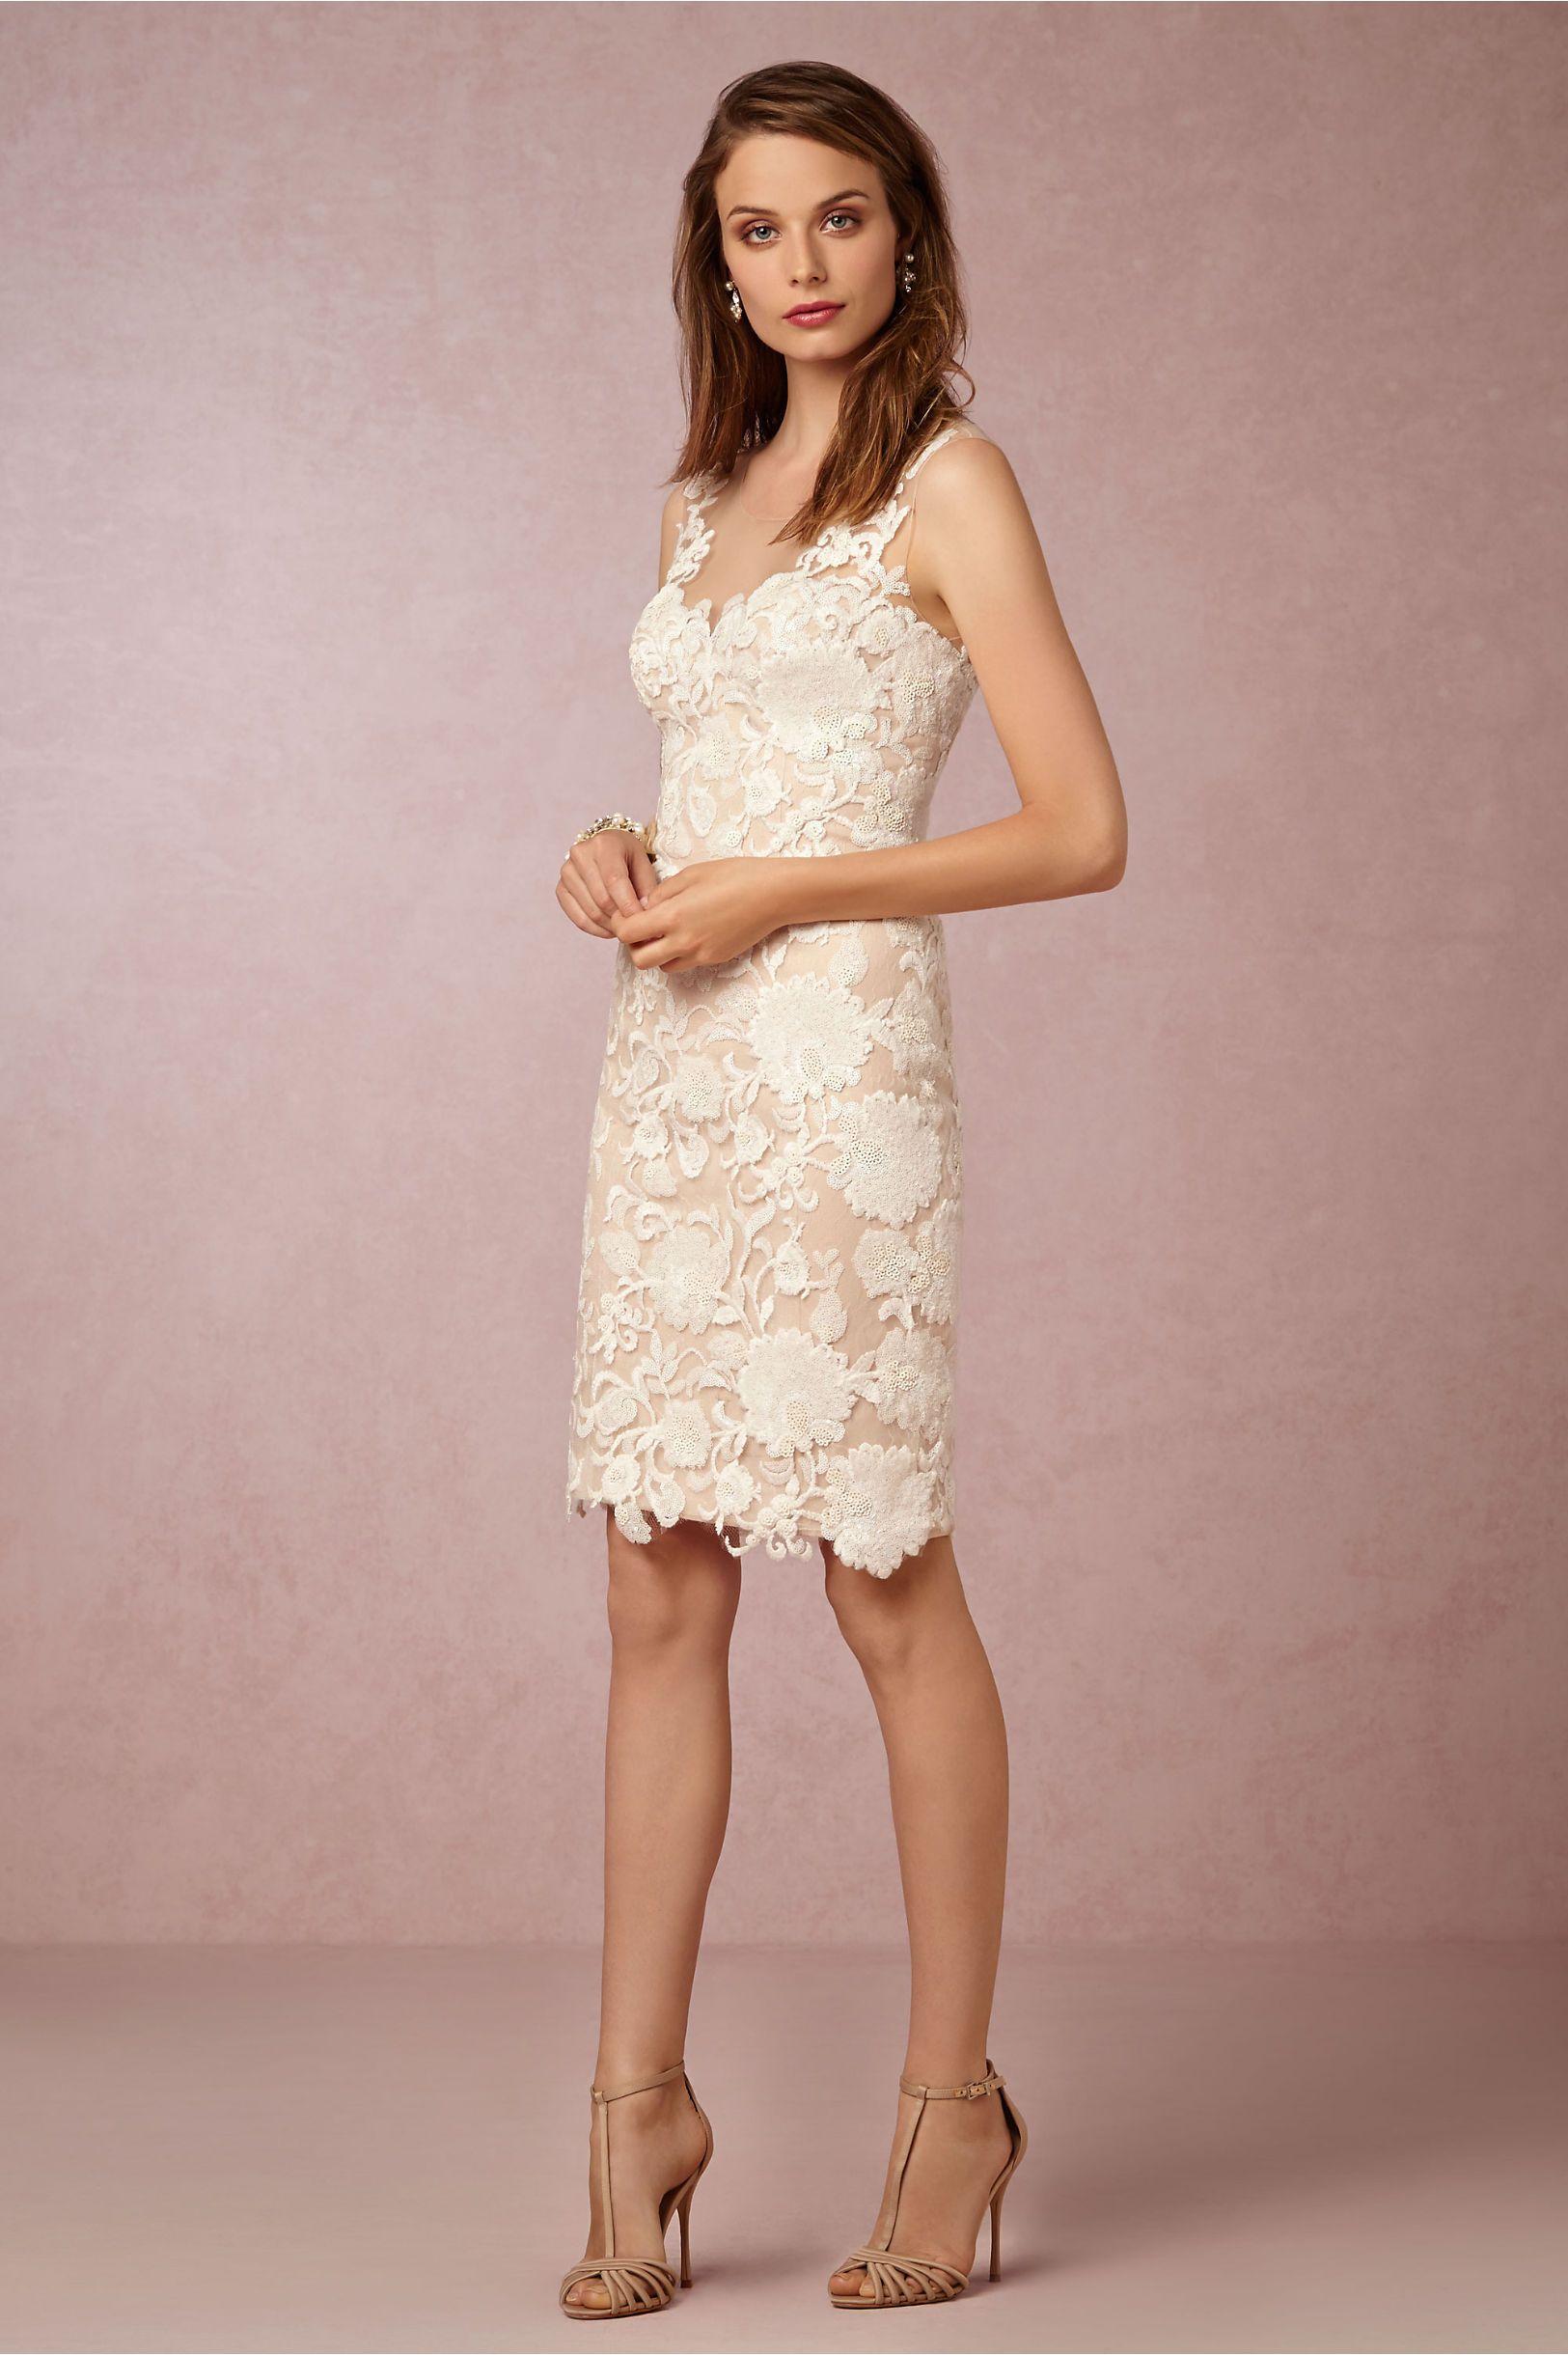 BHLDN Renata Sheath in Bride Reception Dresses at BHLDN | Stylish ...